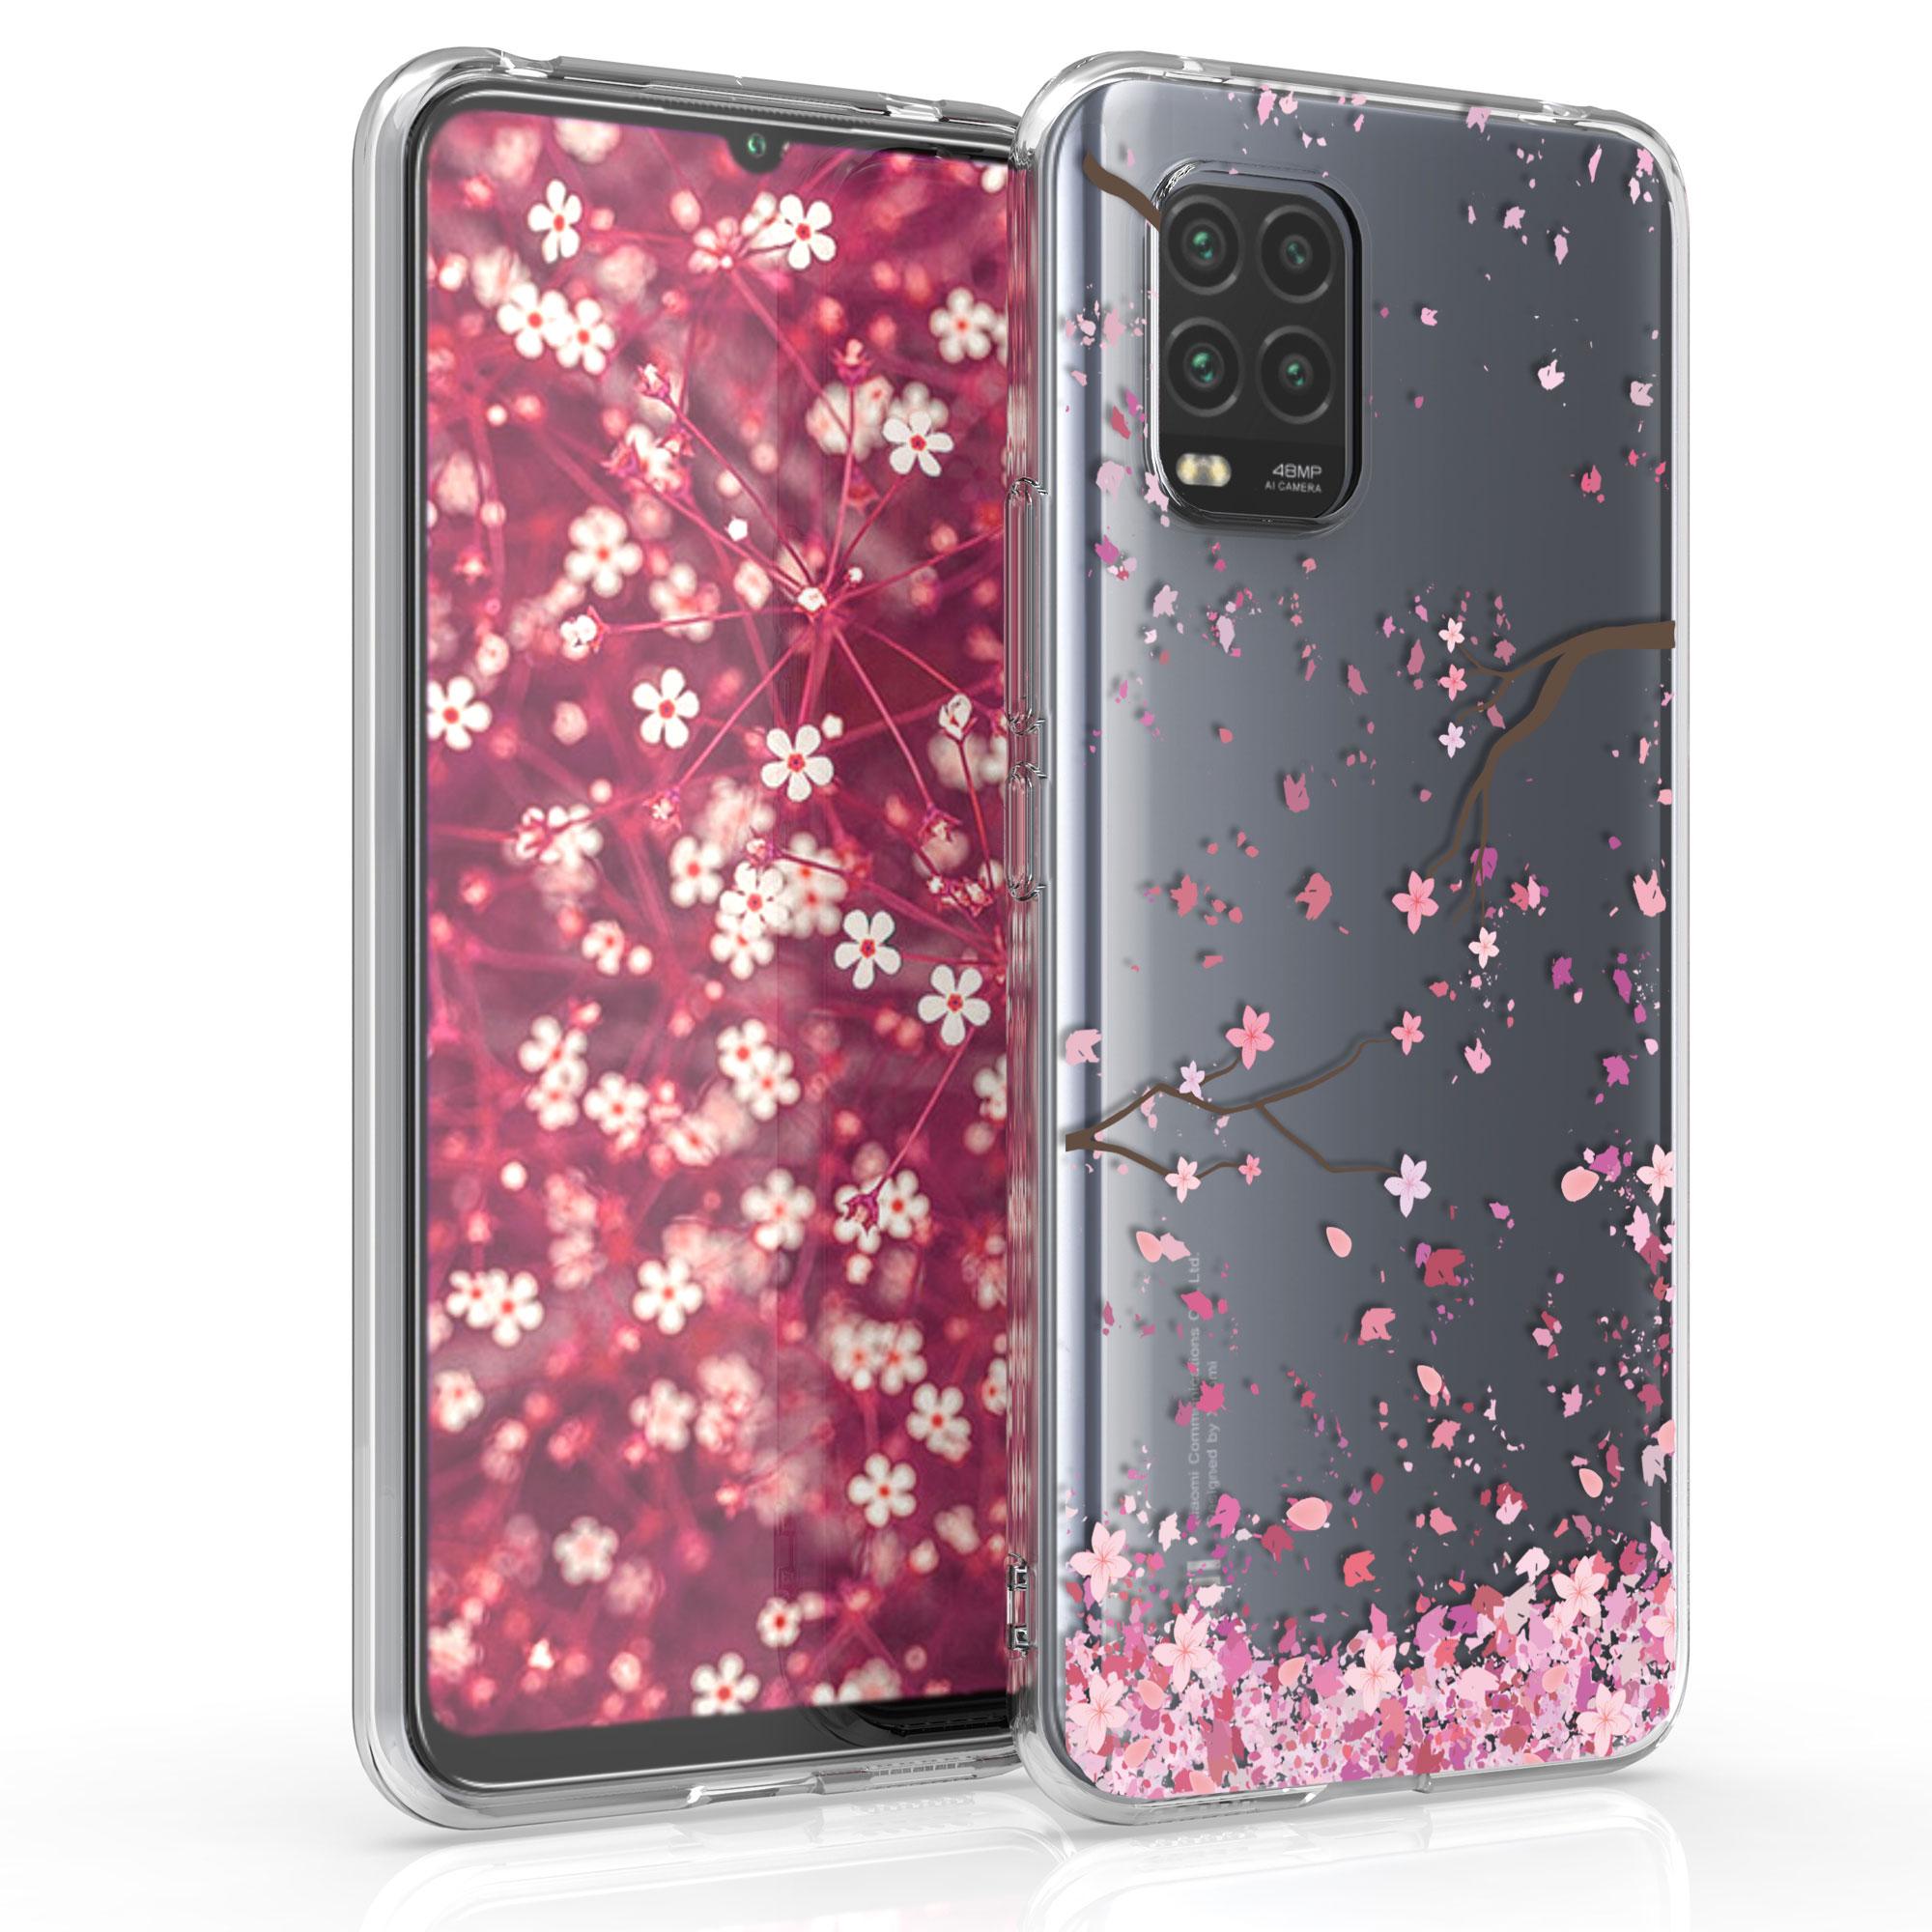 Průhledné pouzdro / obal s motivem třešňových květů pro Xiaomi Mi 10 Lite